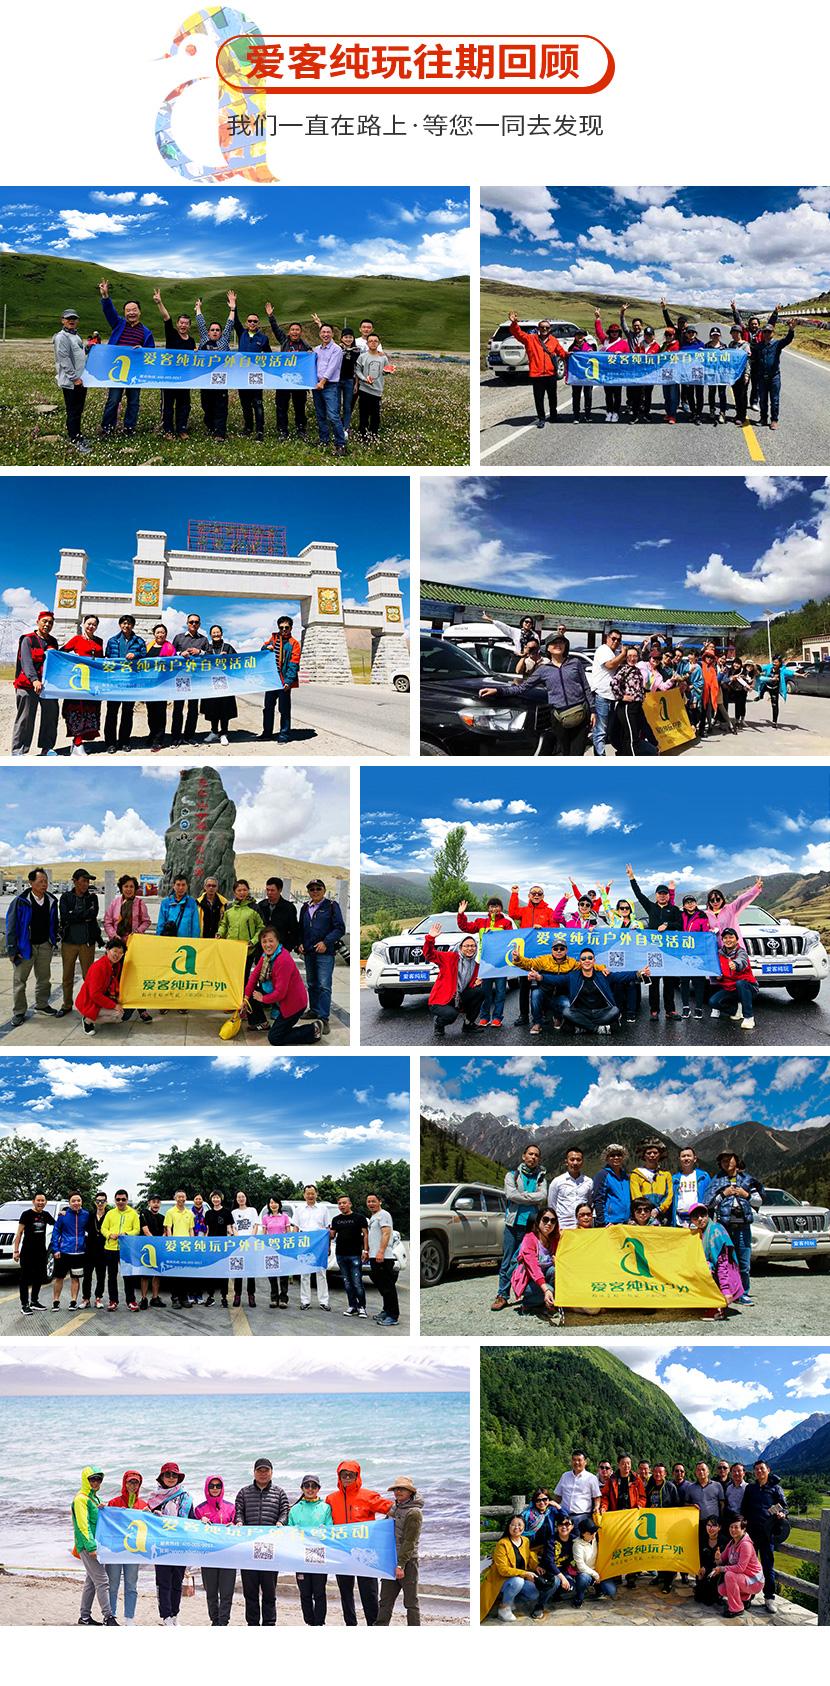 川藏线自驾游行程15